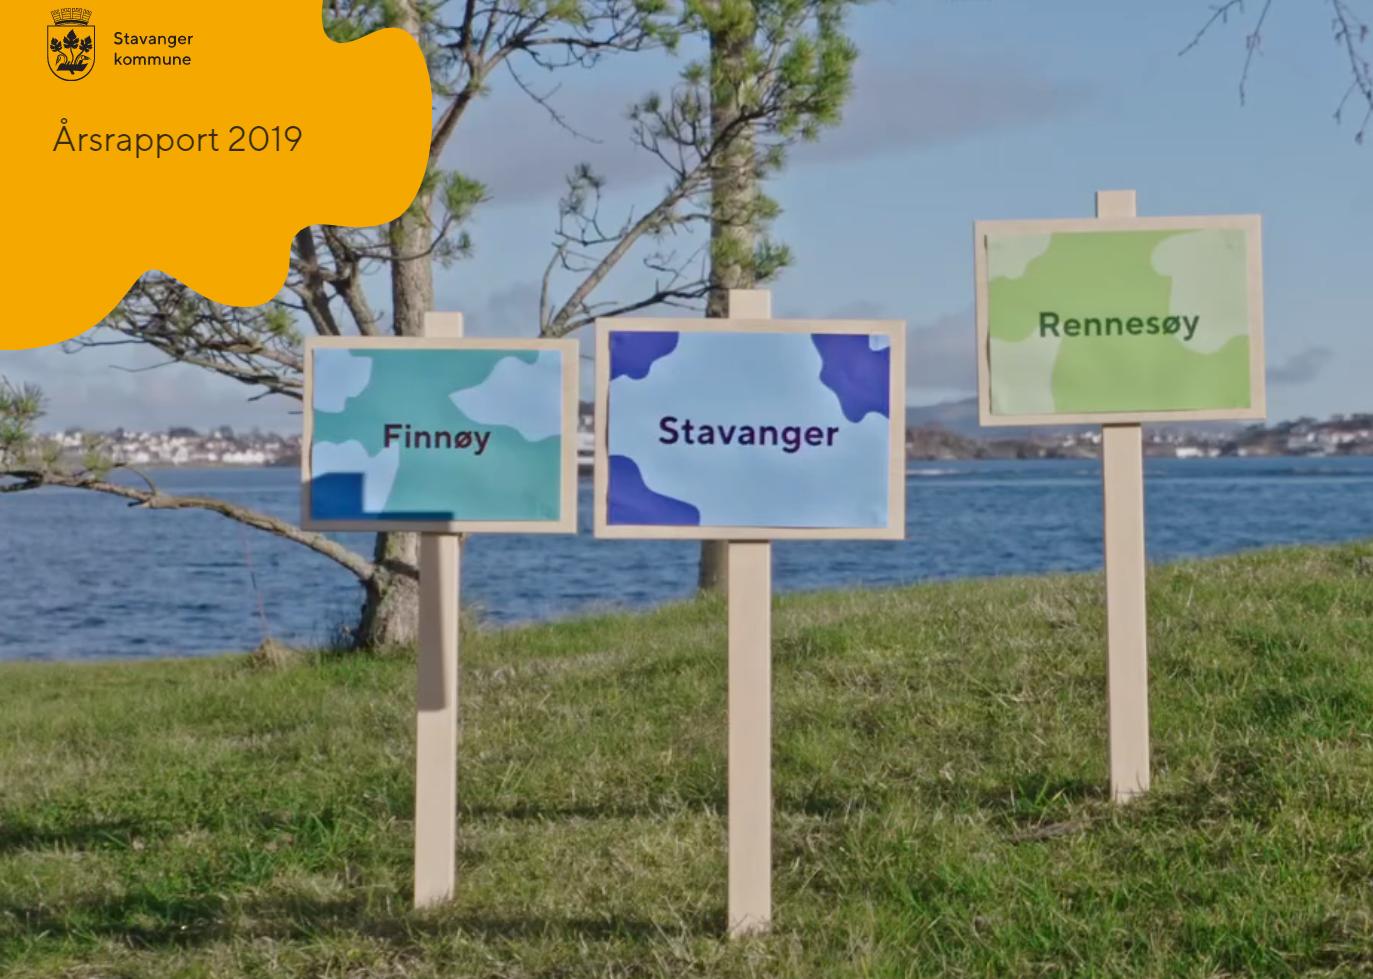 Arsrapport 2019 Et Solid Ar Som Gir Okonomisk Rom For Vanskeligere Tider Stavanger Kommune